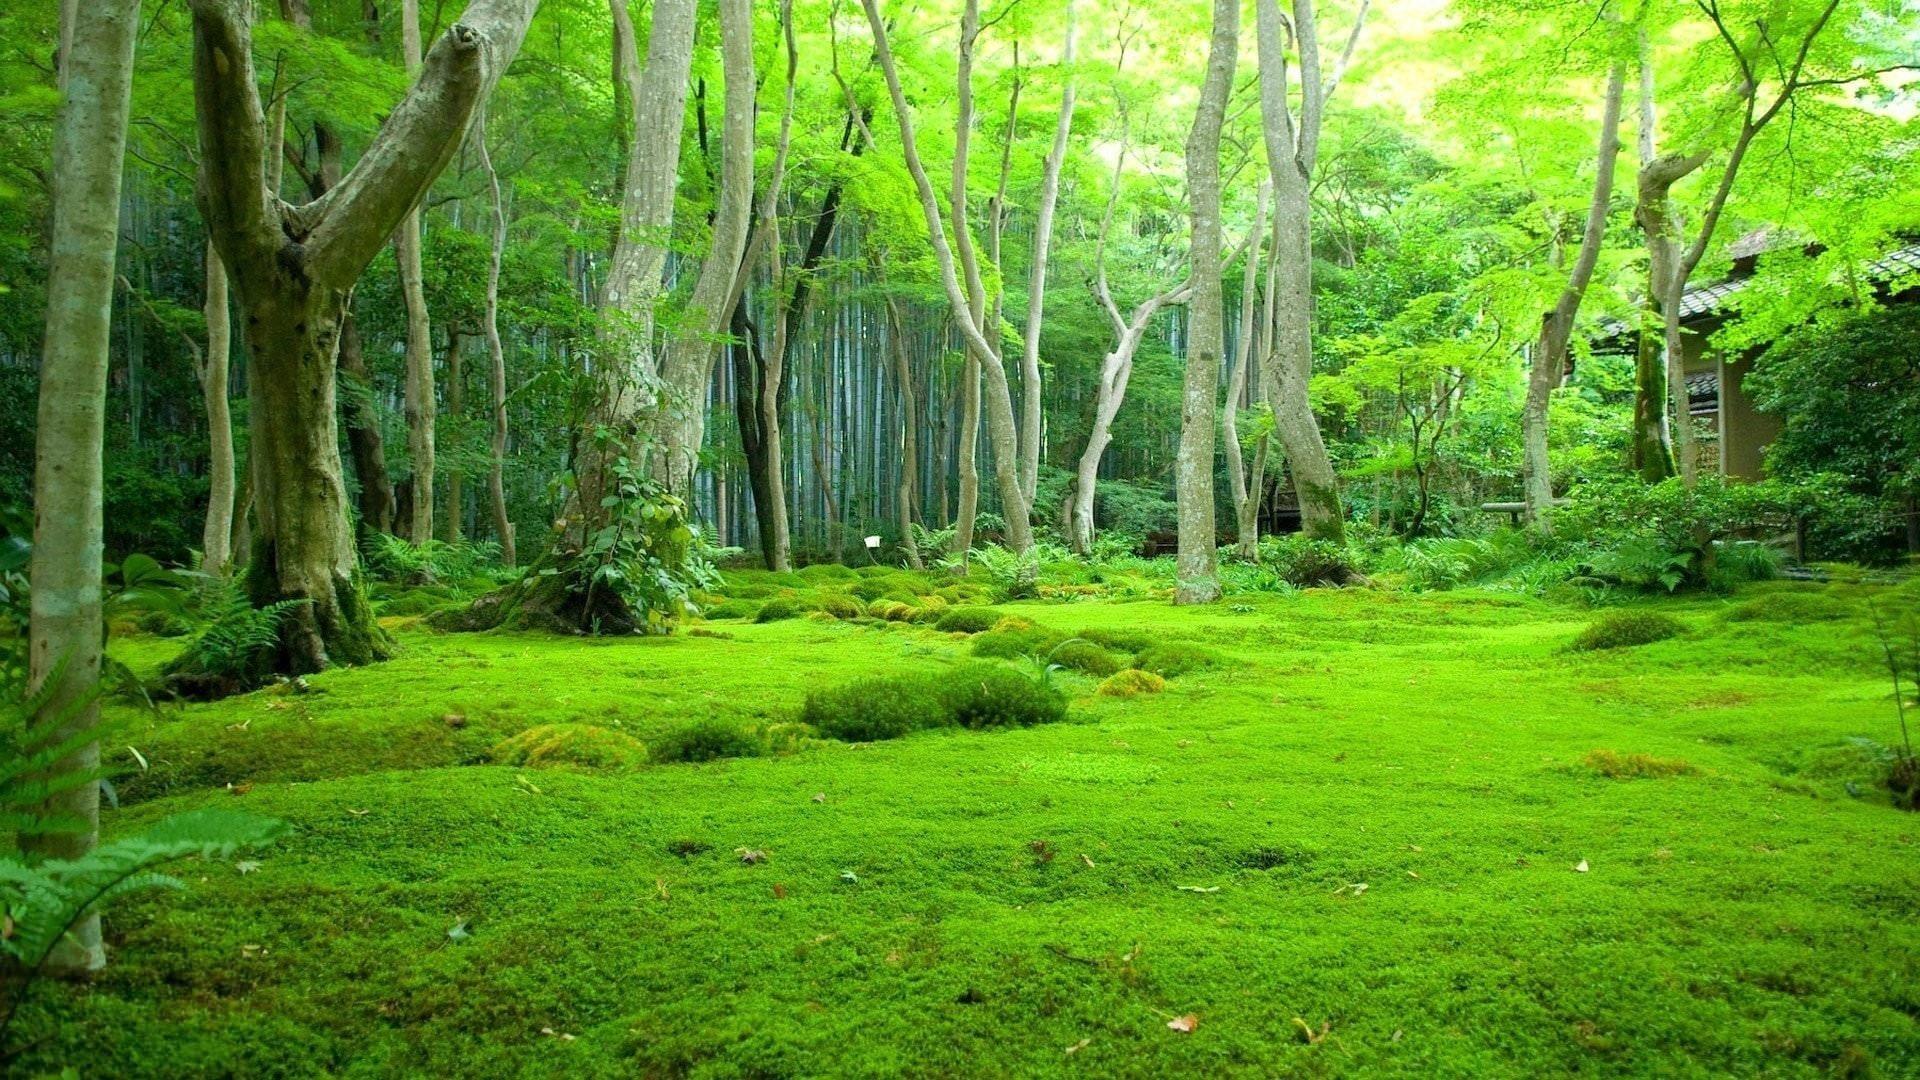 Красивый зеленый травянистый лес с лиственными деревьями в дневное время природа обои скачать